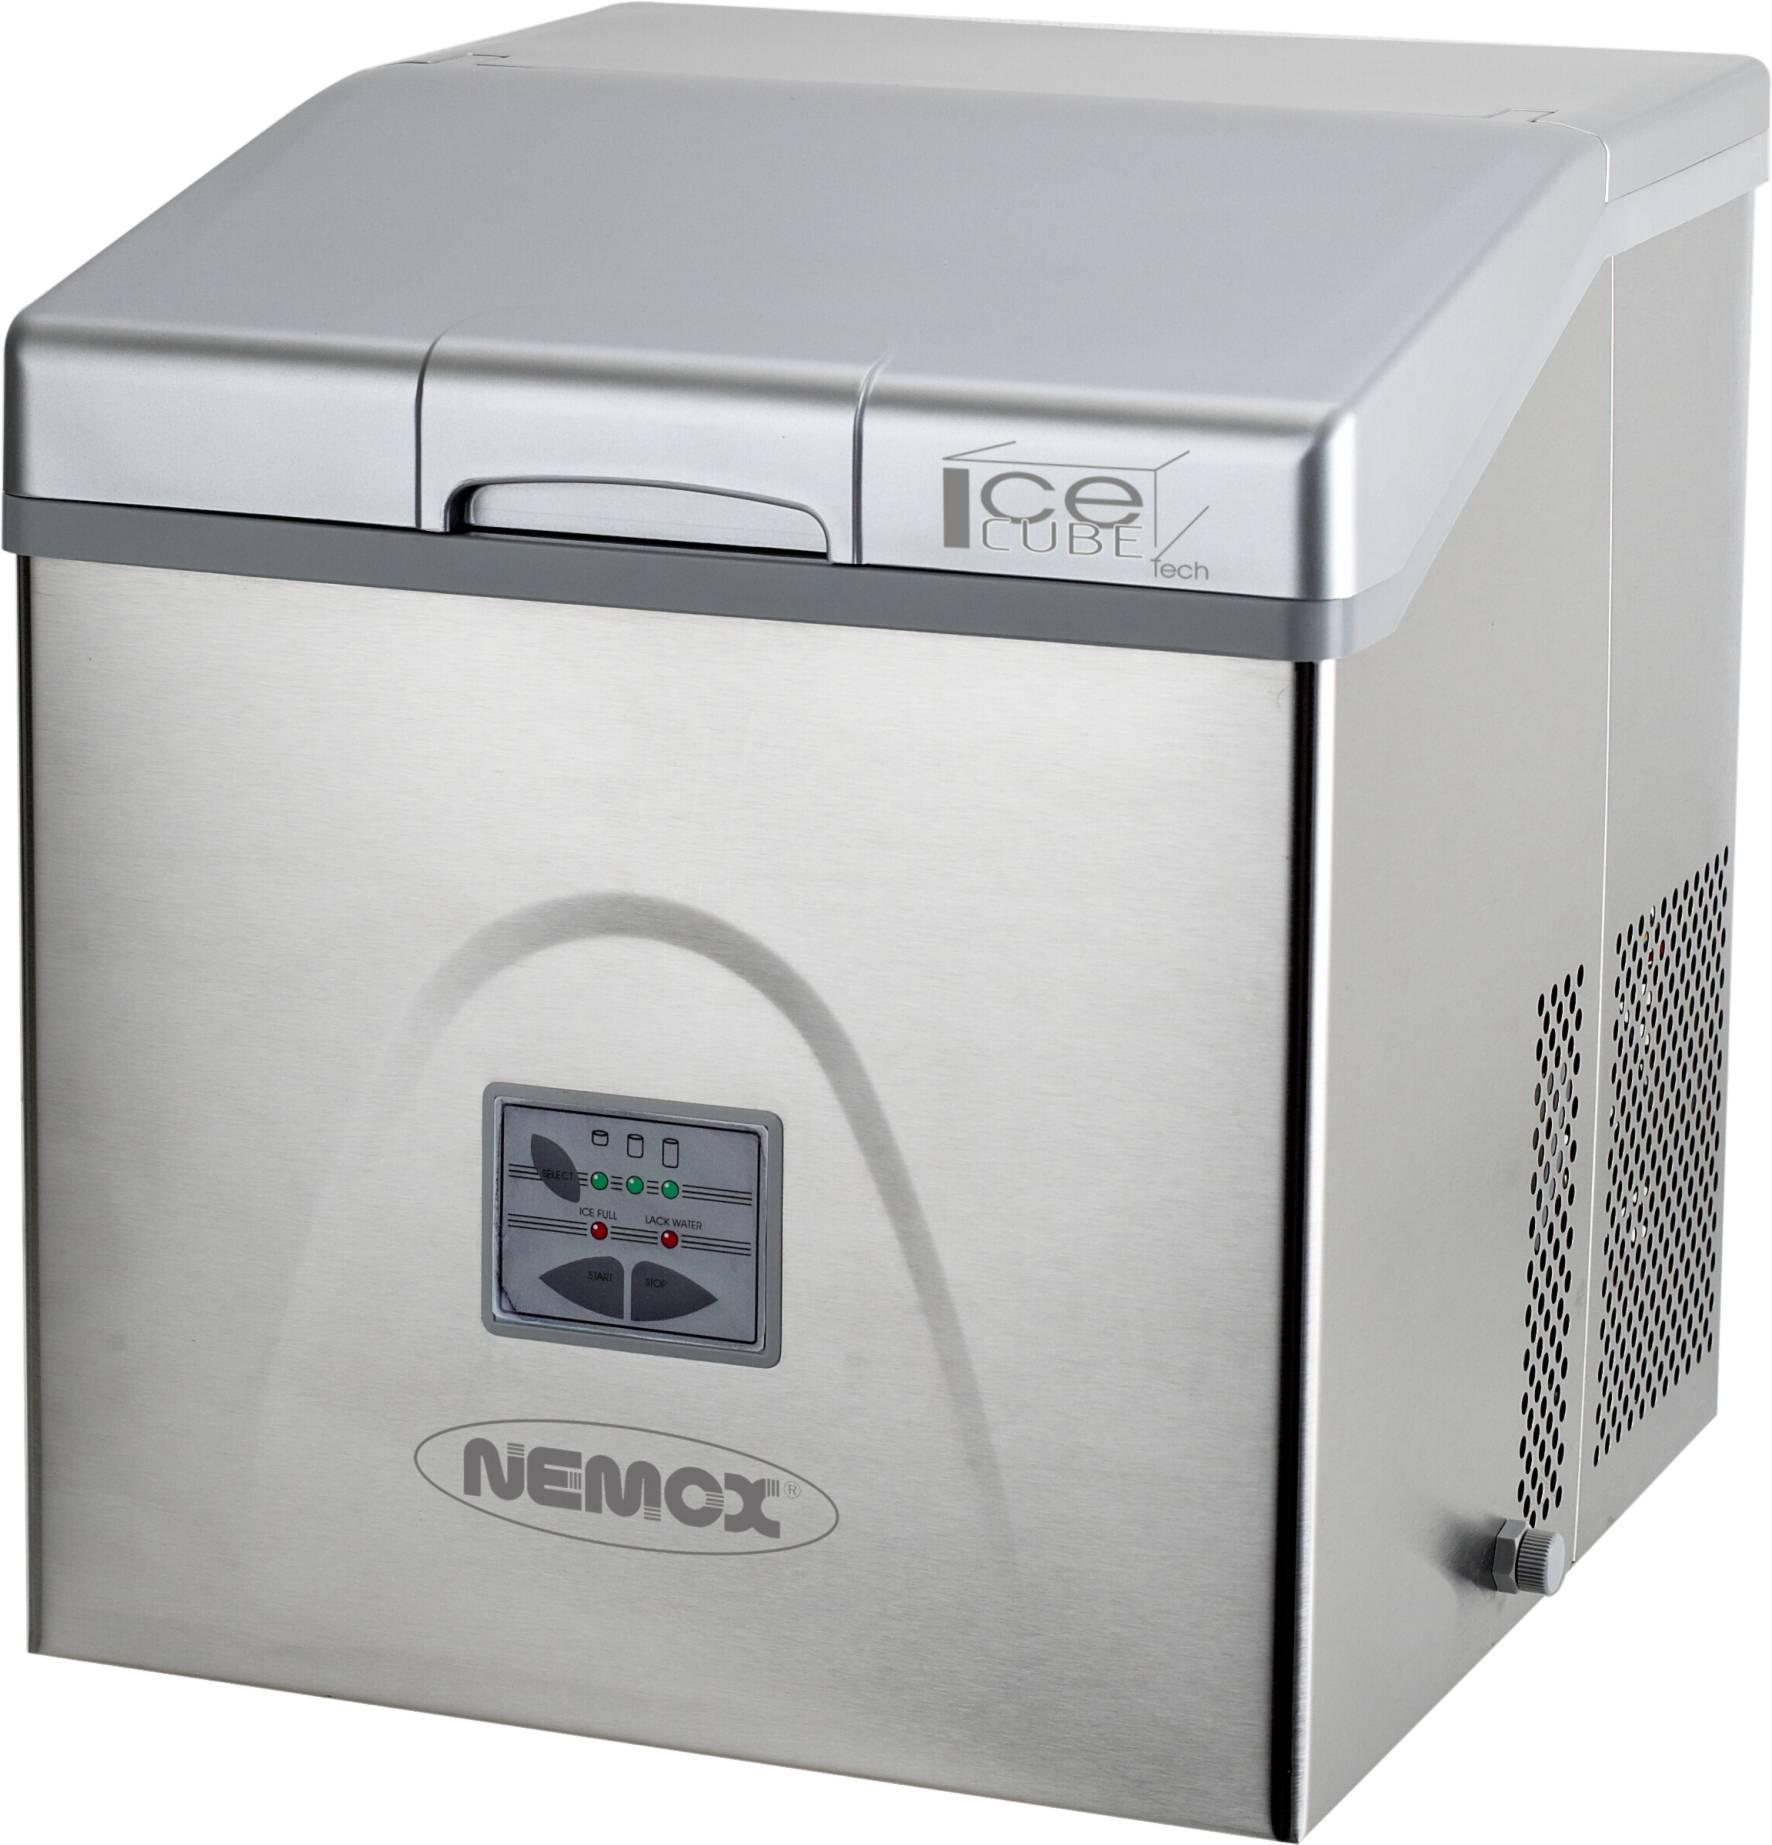 Nemox eiswurfelbereiter ice cube tech stundlich bis zu for Eiswürfelbereiter